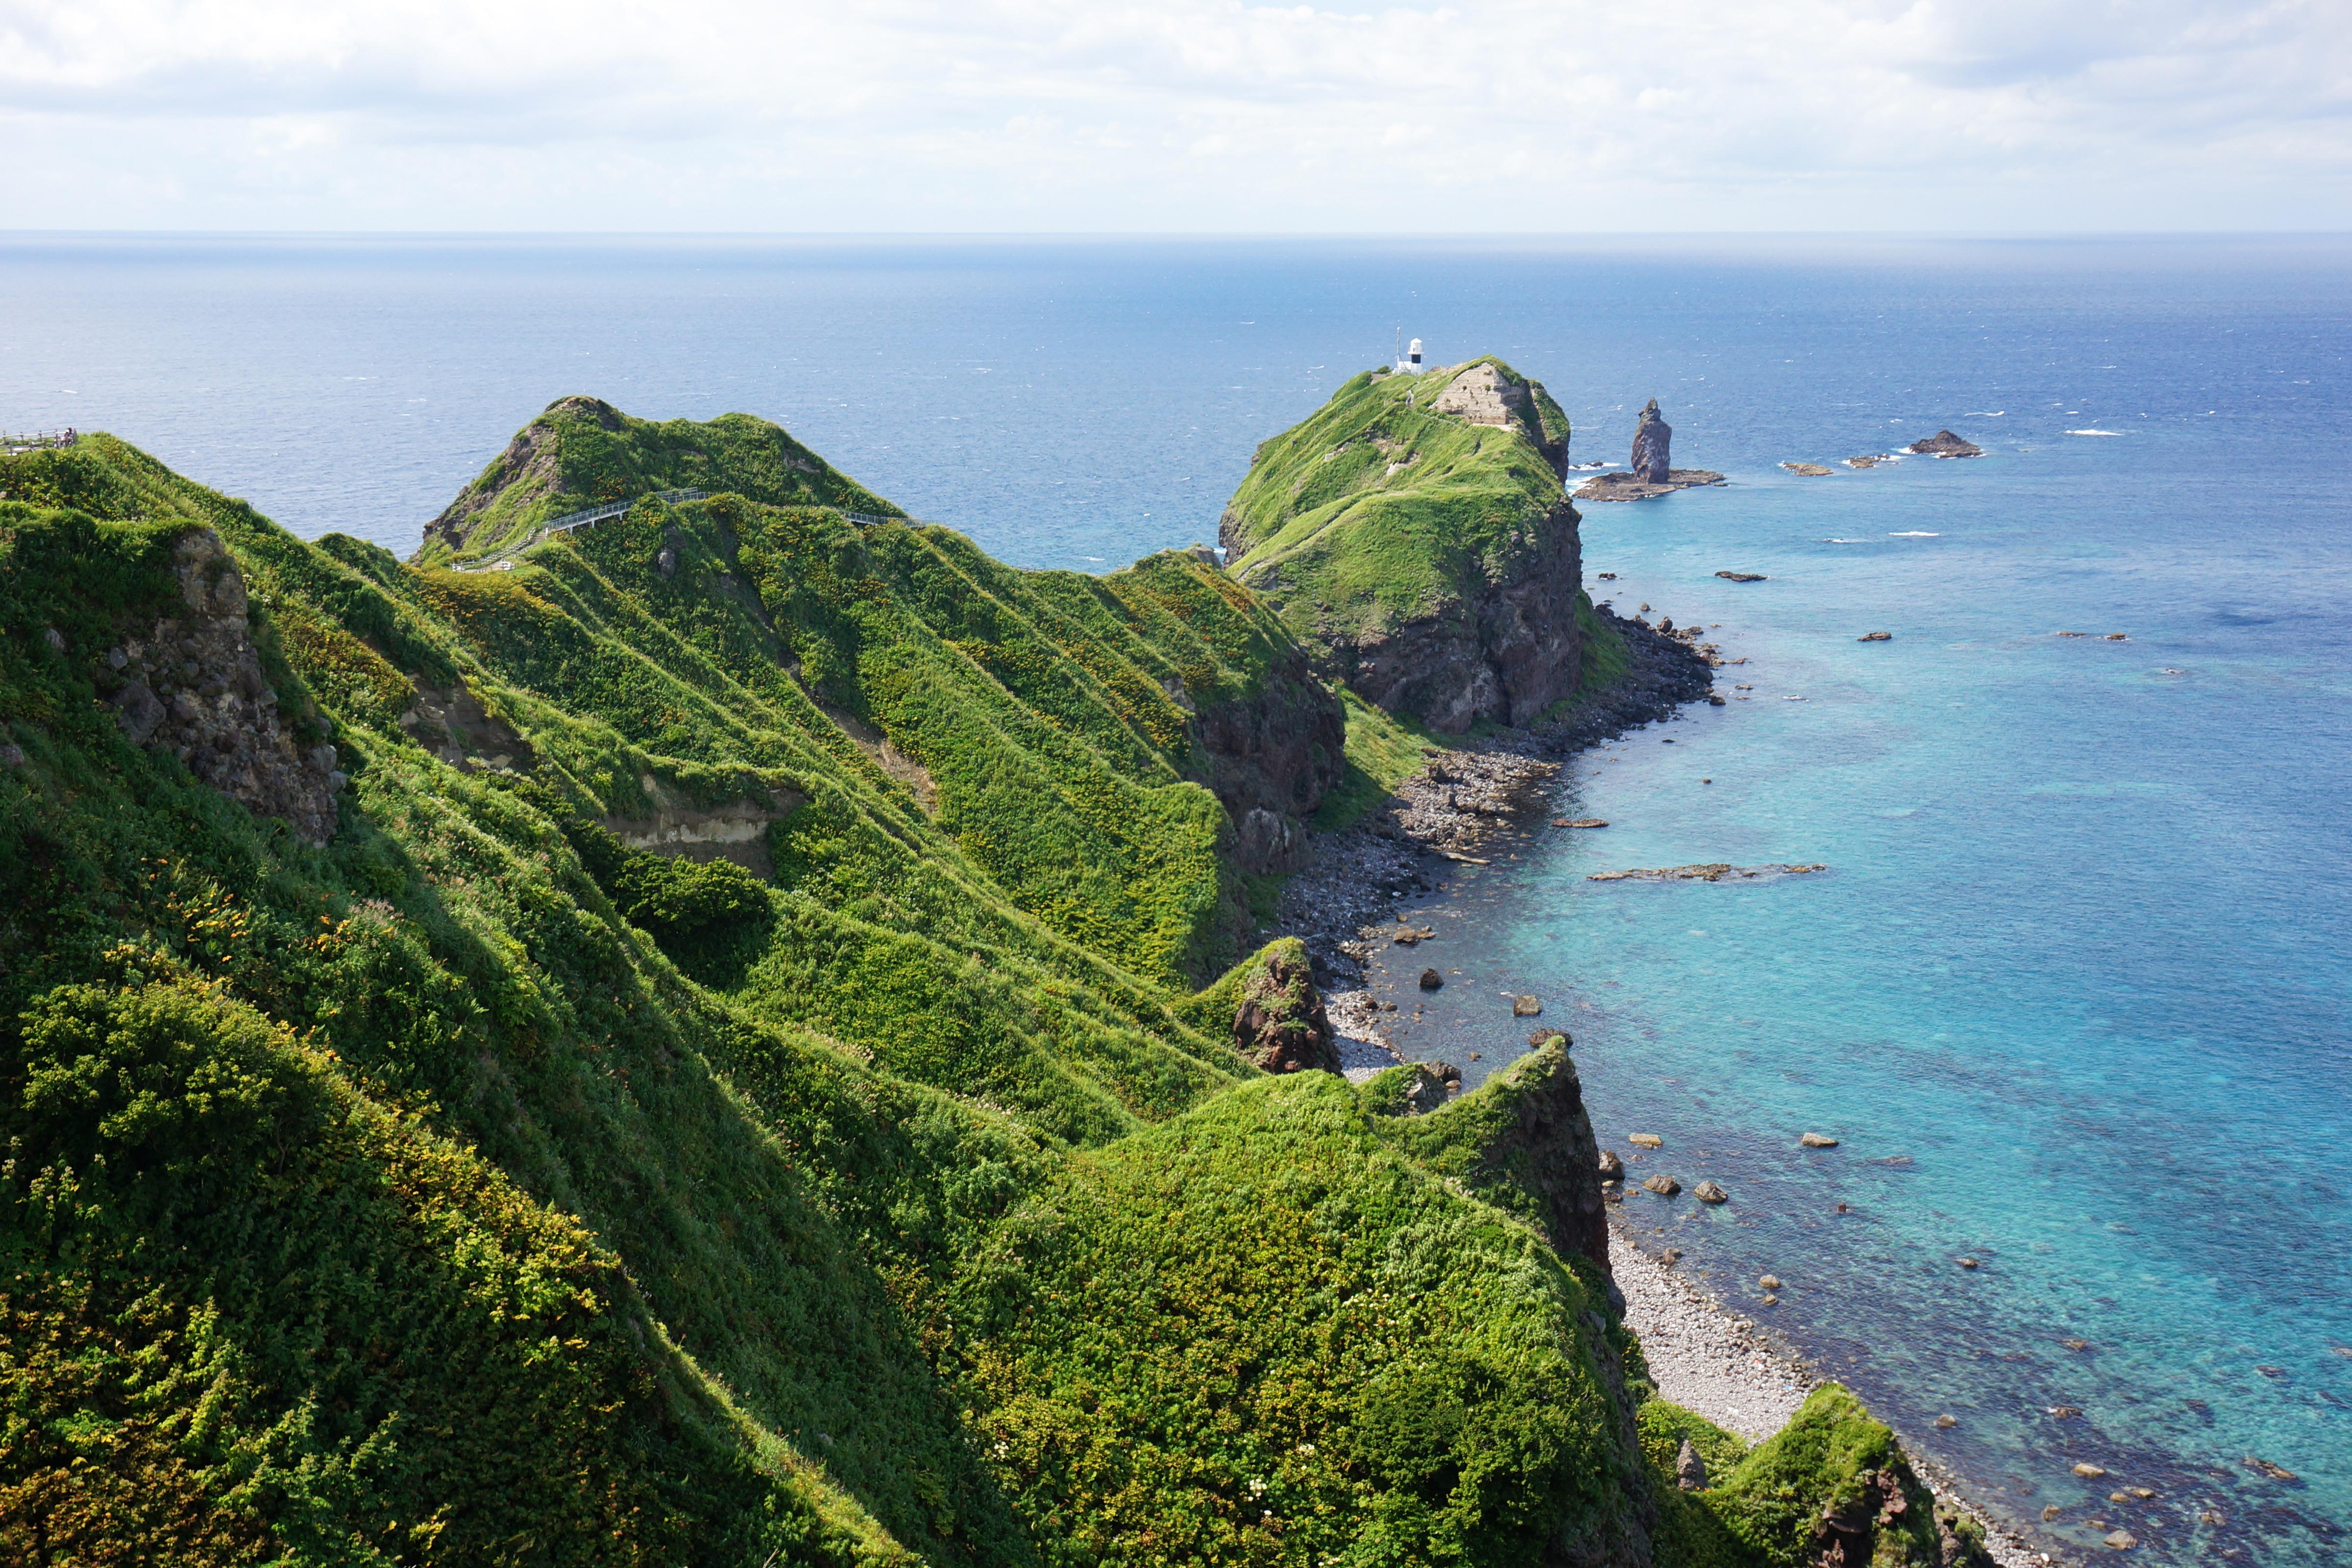 130823 Cape Kamui Shakotan Hokkaido Japan02s3.jpg